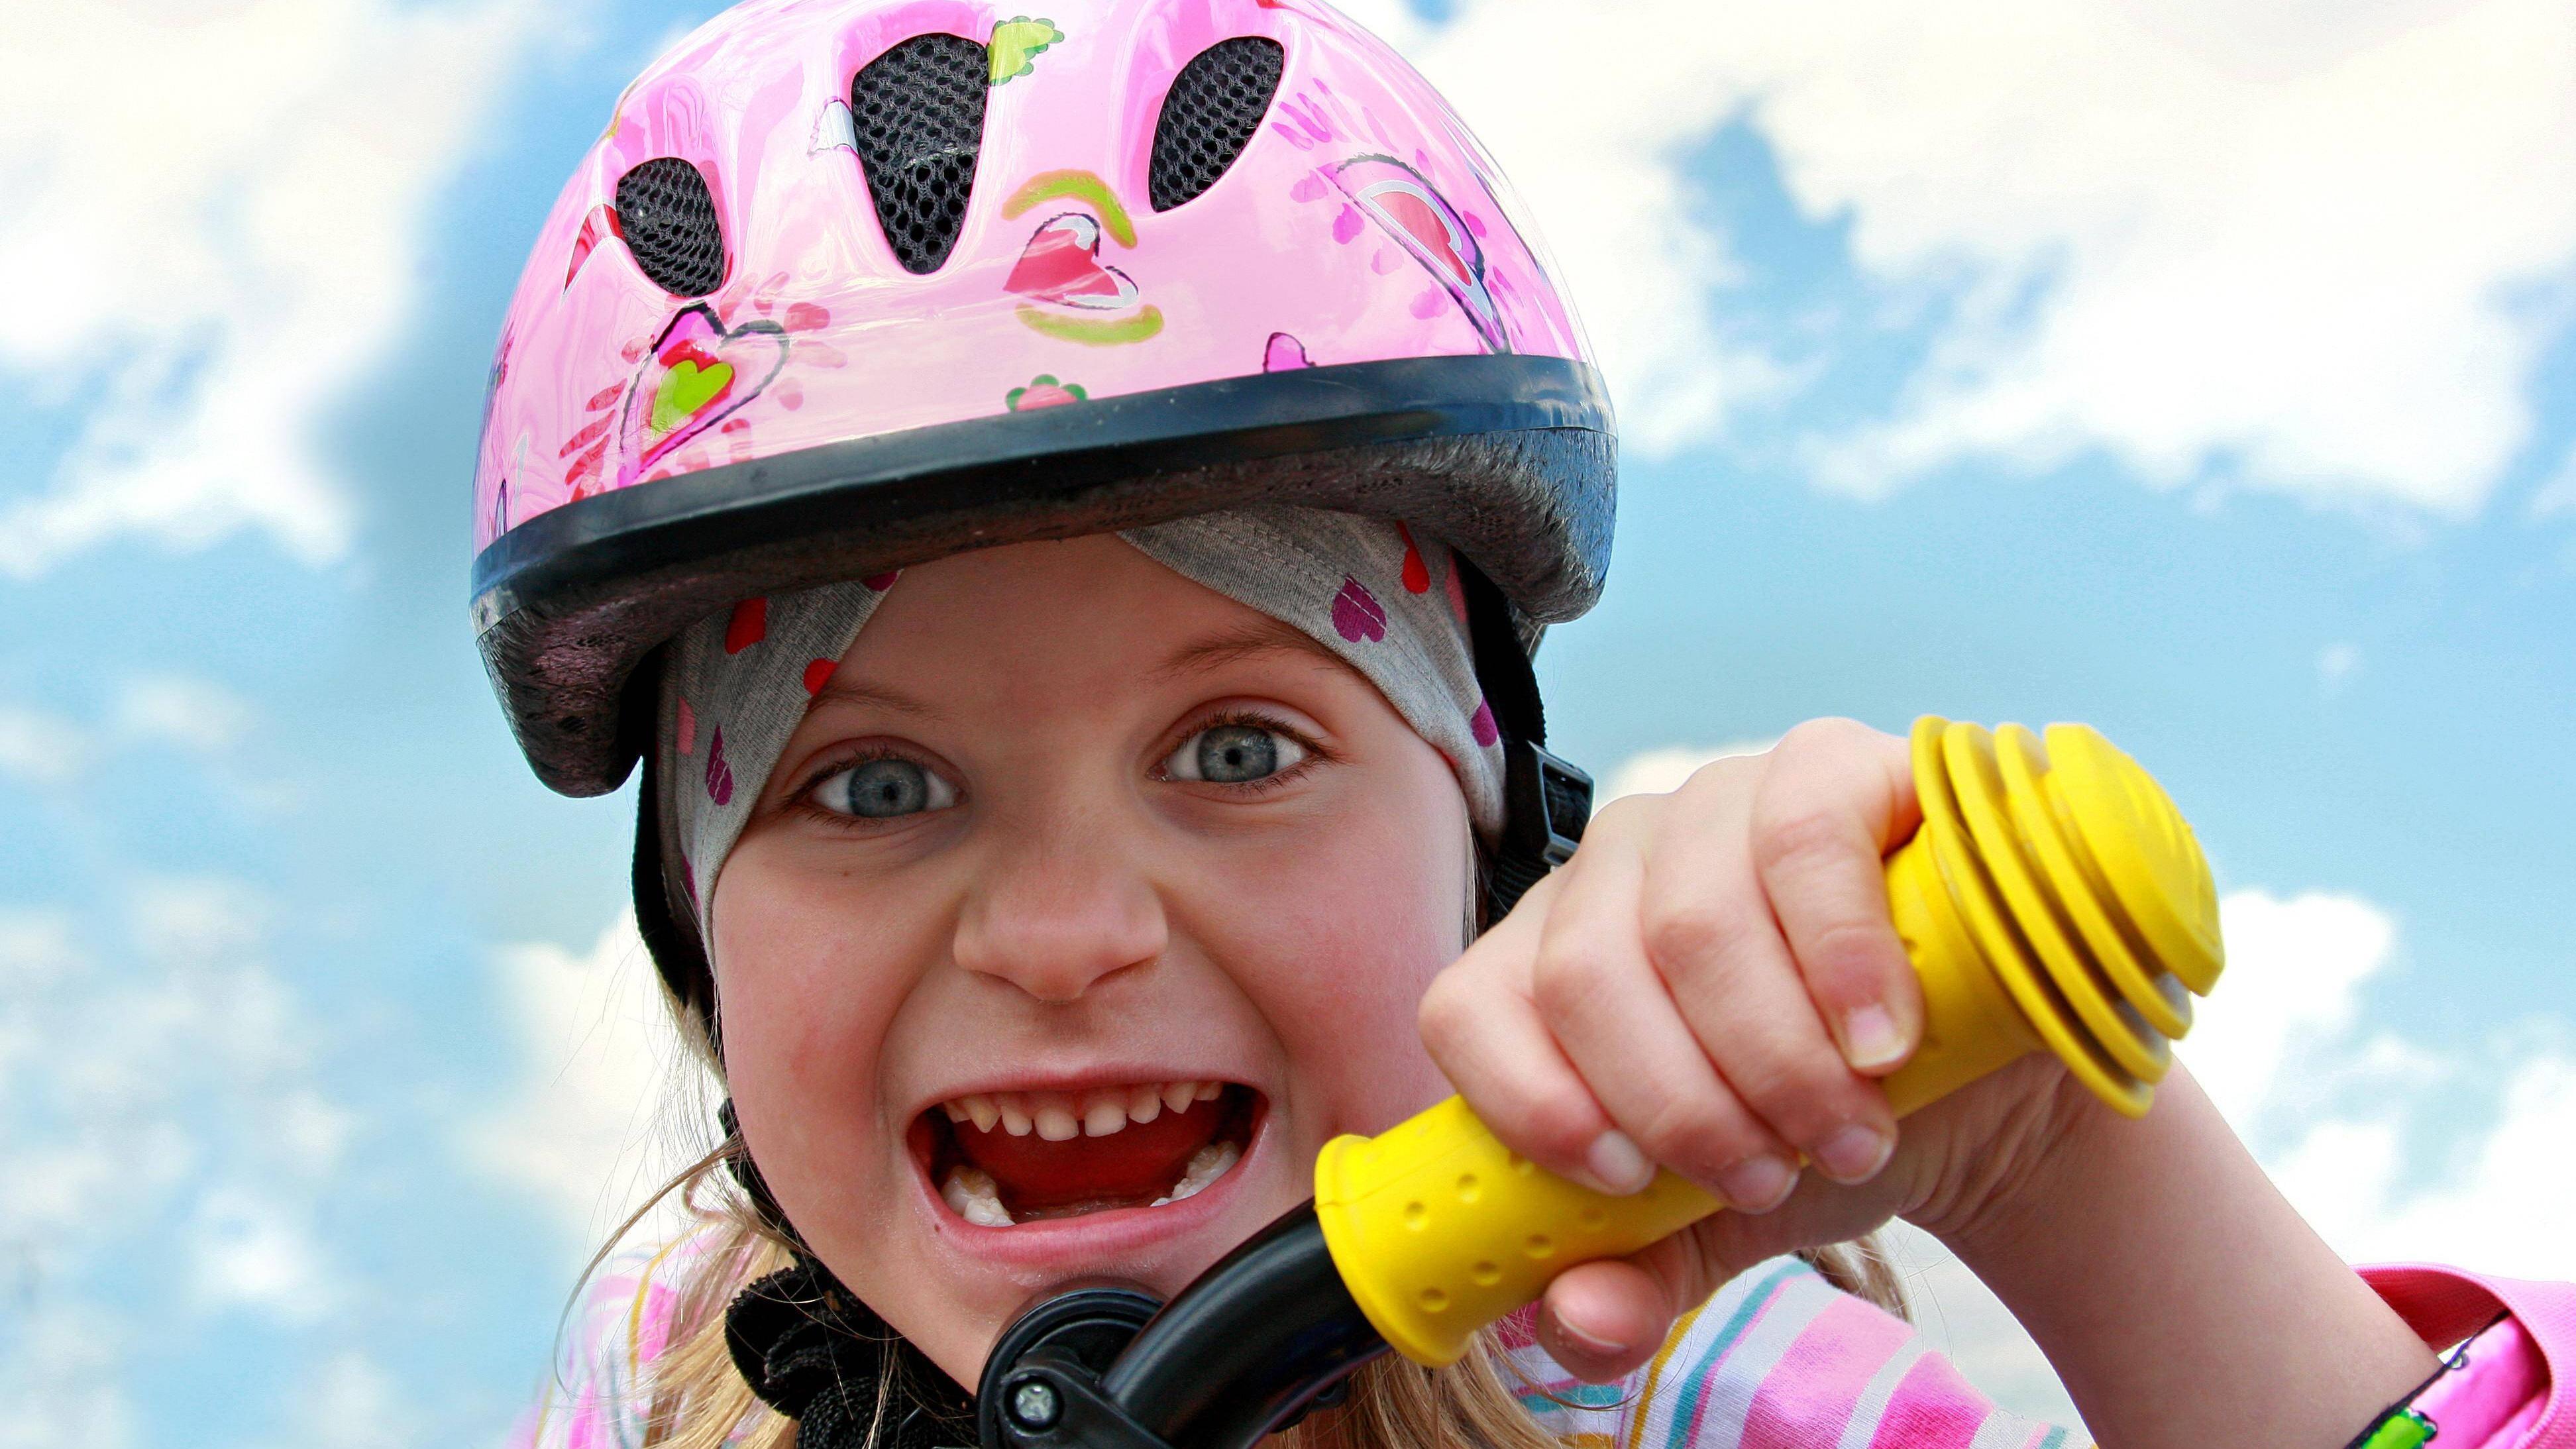 Grundschule: Fahrradprüfung - Alles was Sie wissen müssen